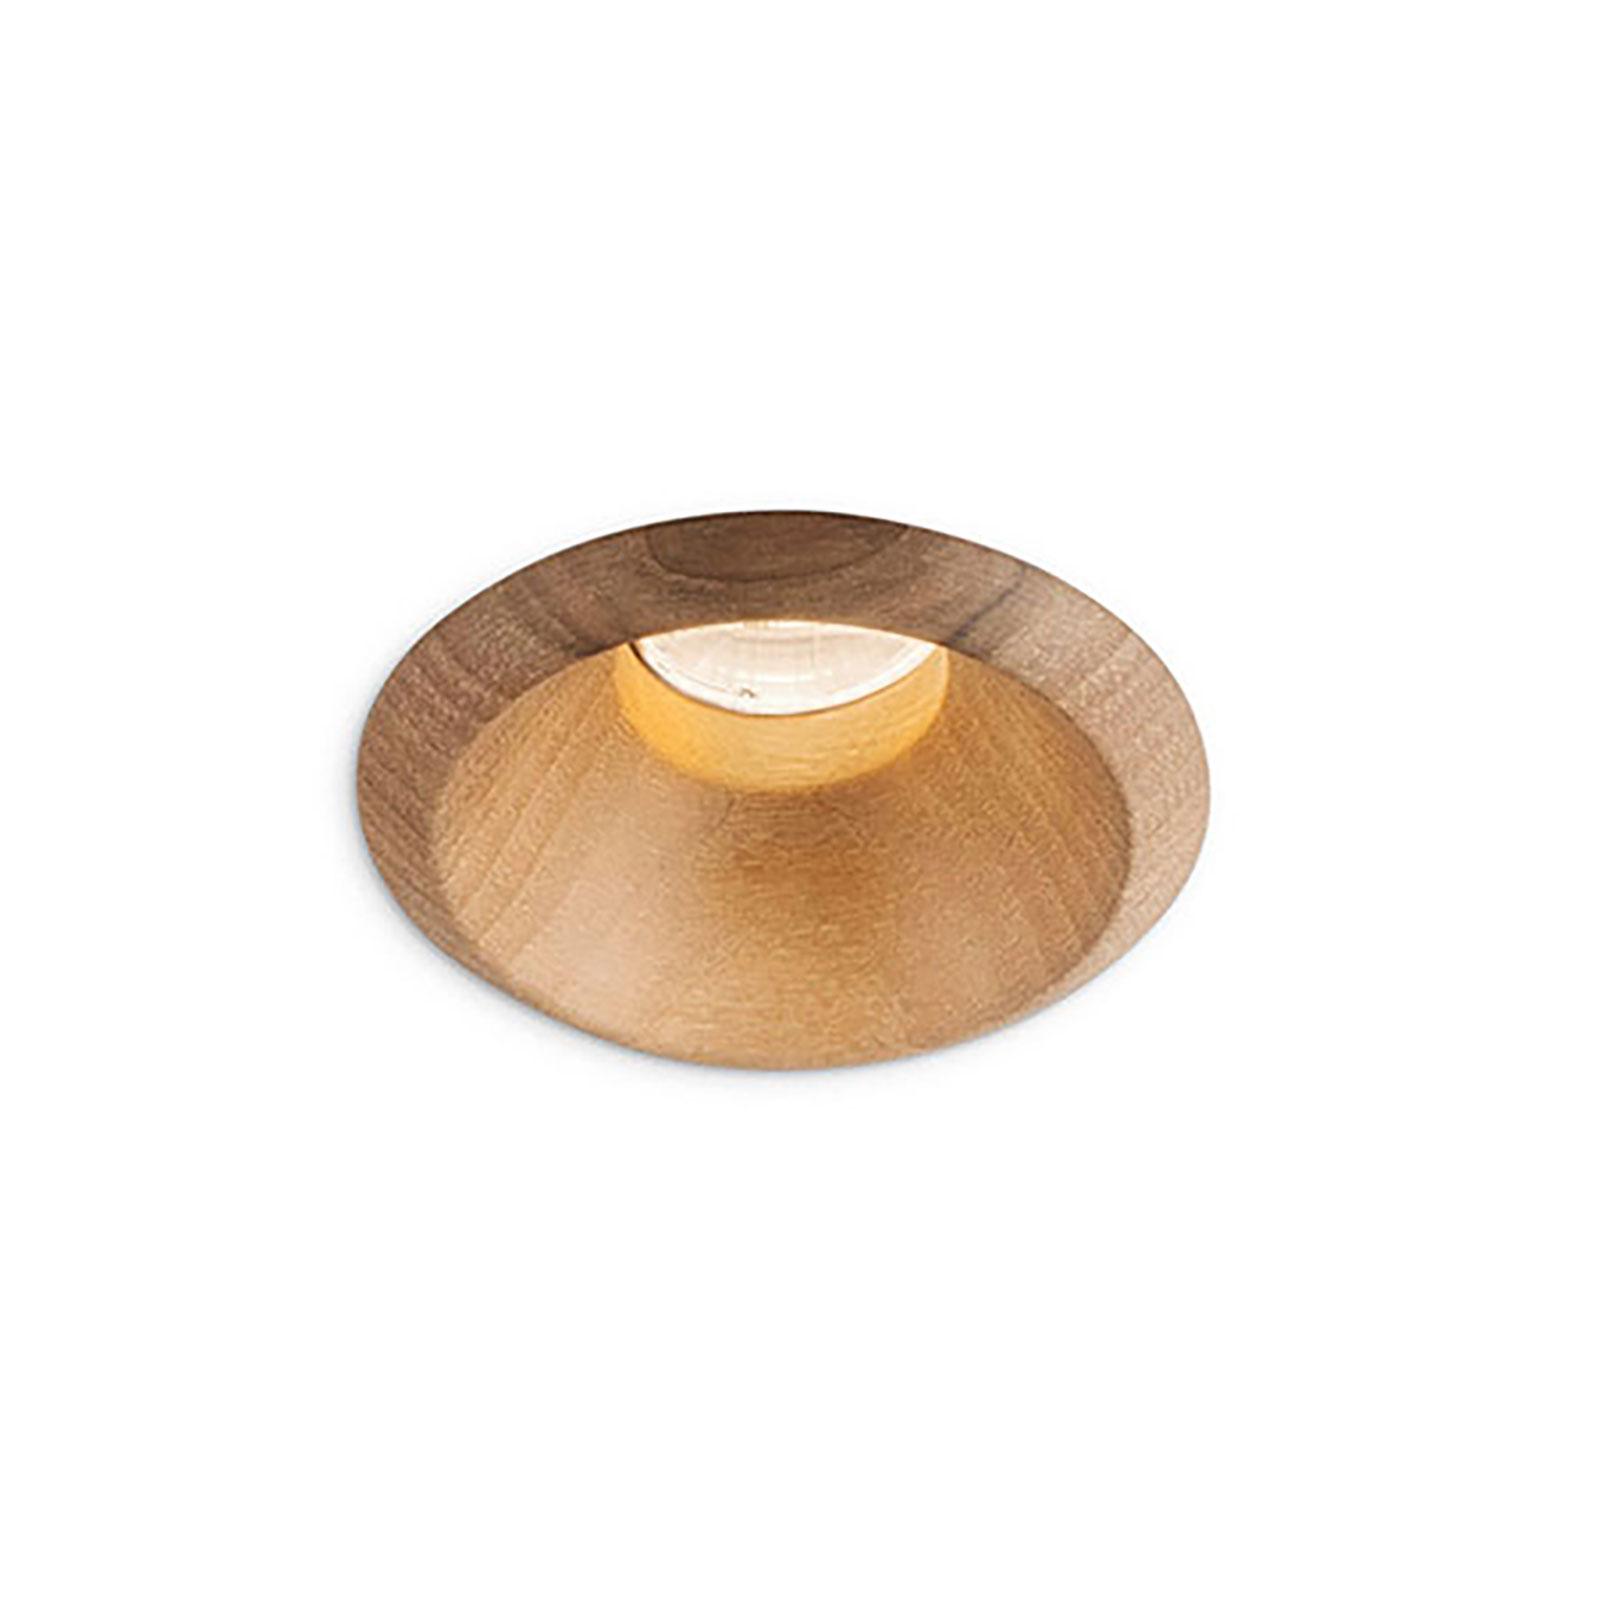 LEDS-C4 Play Raw Einbaulampe Walnuss 927 6,4W 50°